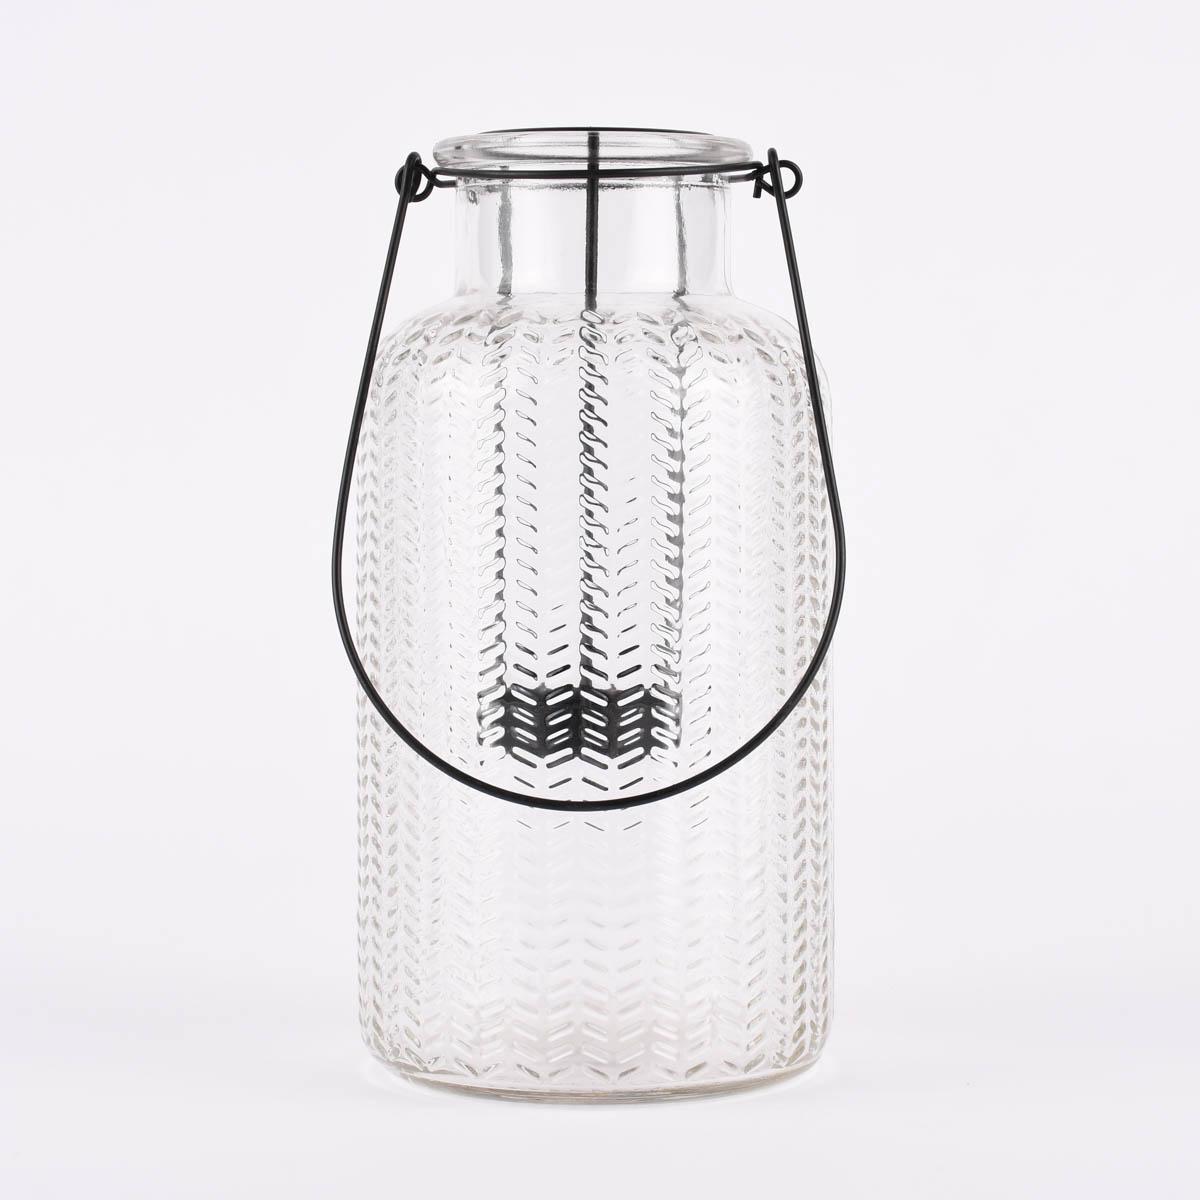 Windlicht mit Teelichteinfassung und Metallhenkel Glas klar 20x10cm